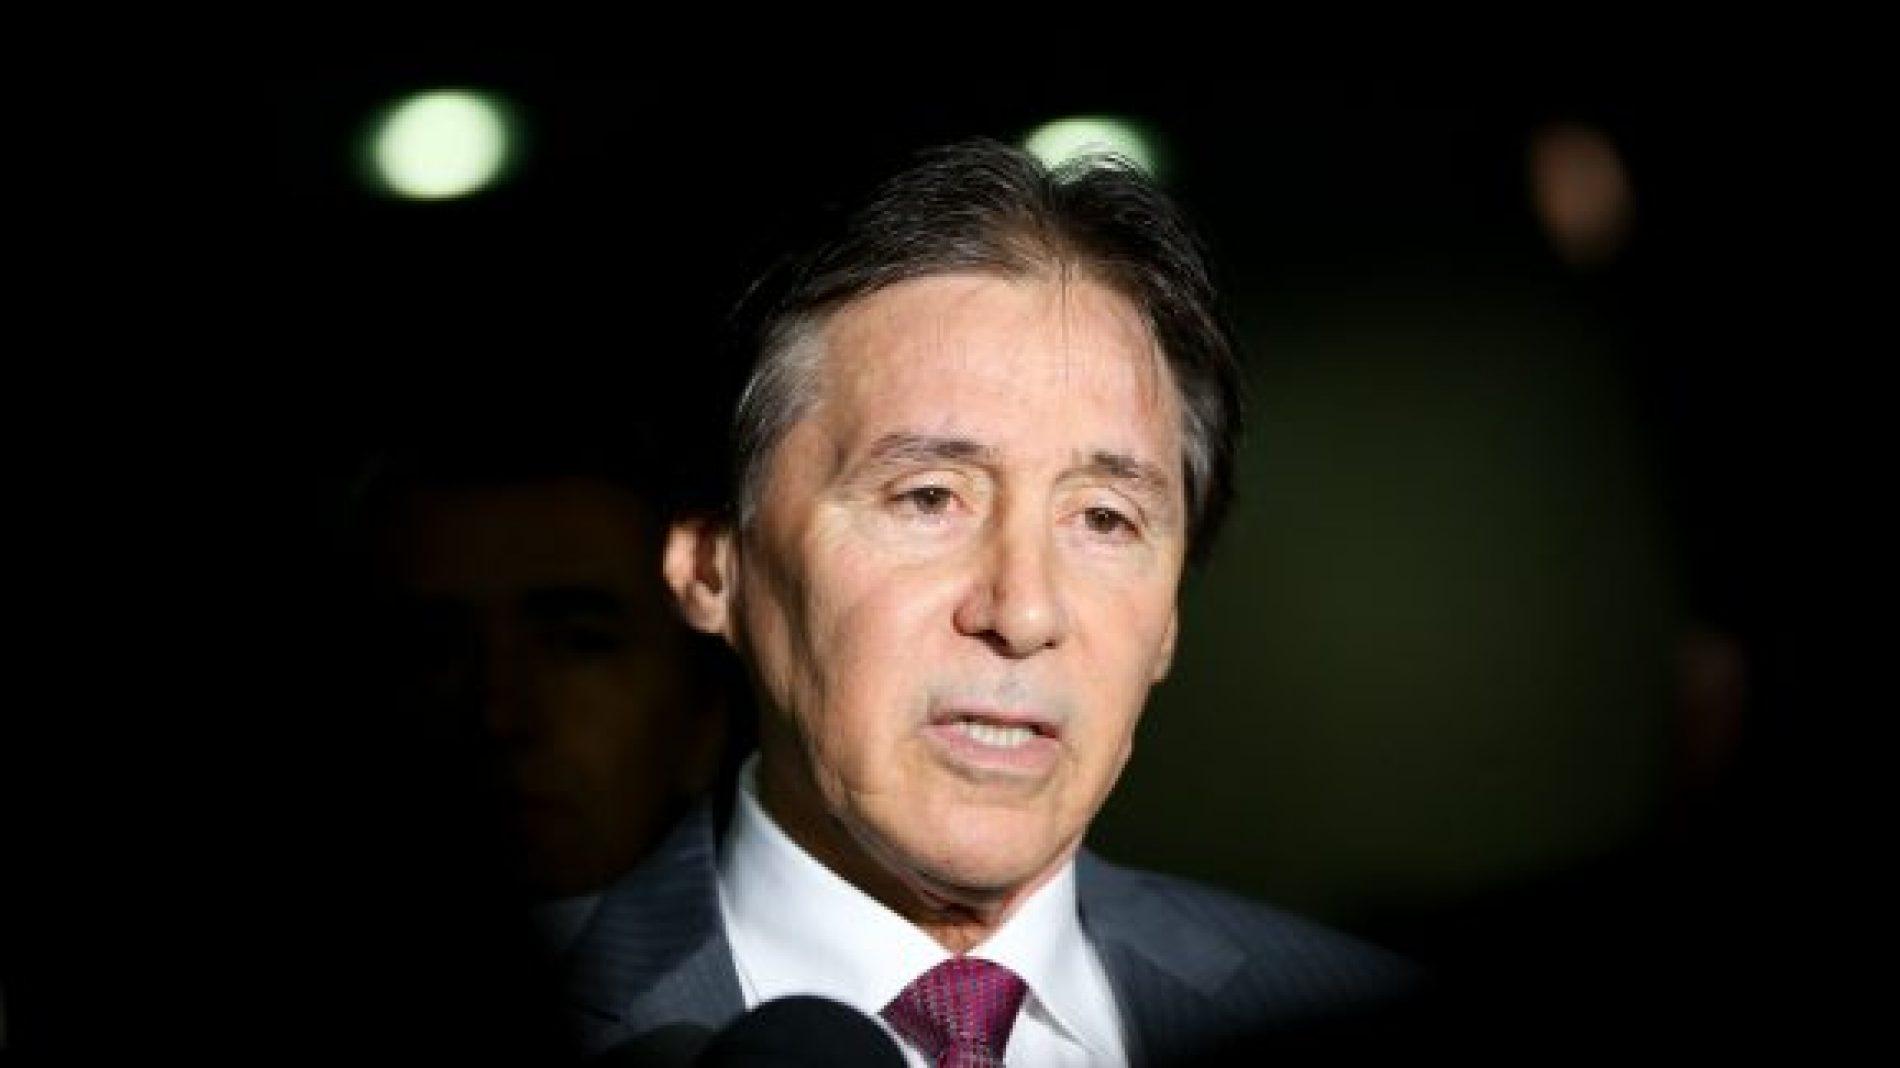 Eunício diz que Temer afirmou que fará reforma ministerial ainda este ano